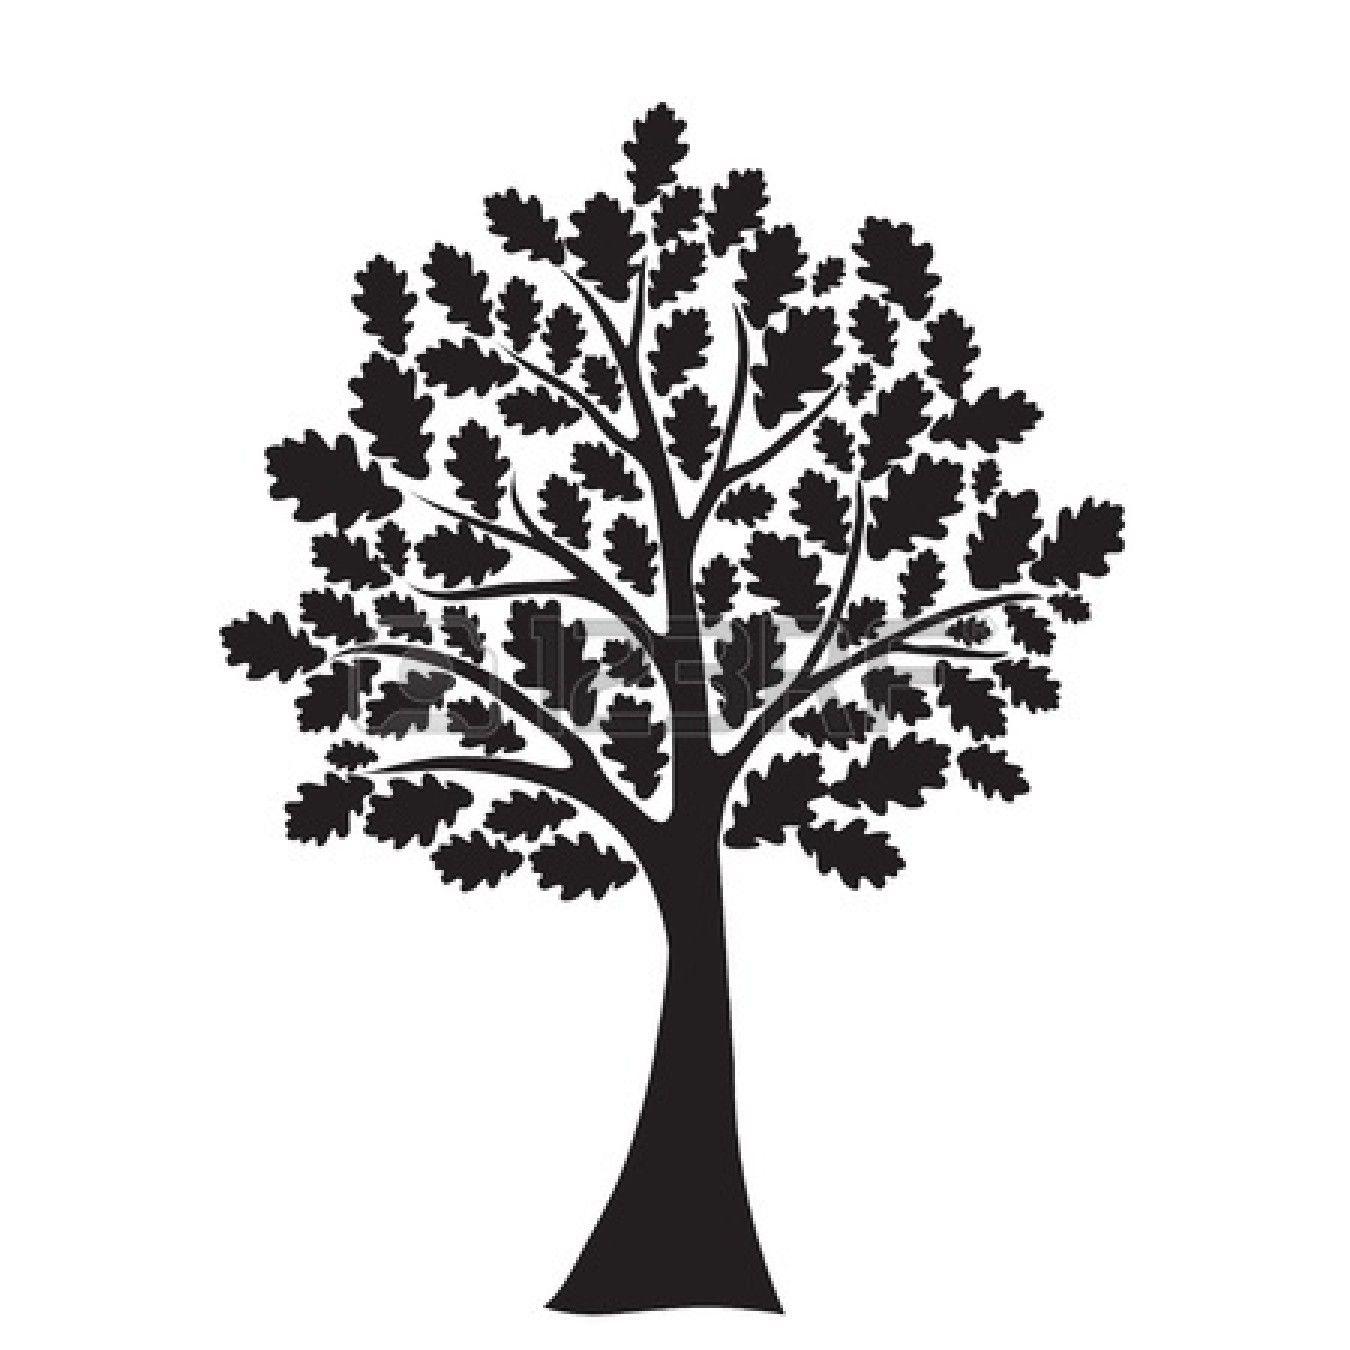 Картинки по запросу vector graphics tree free.